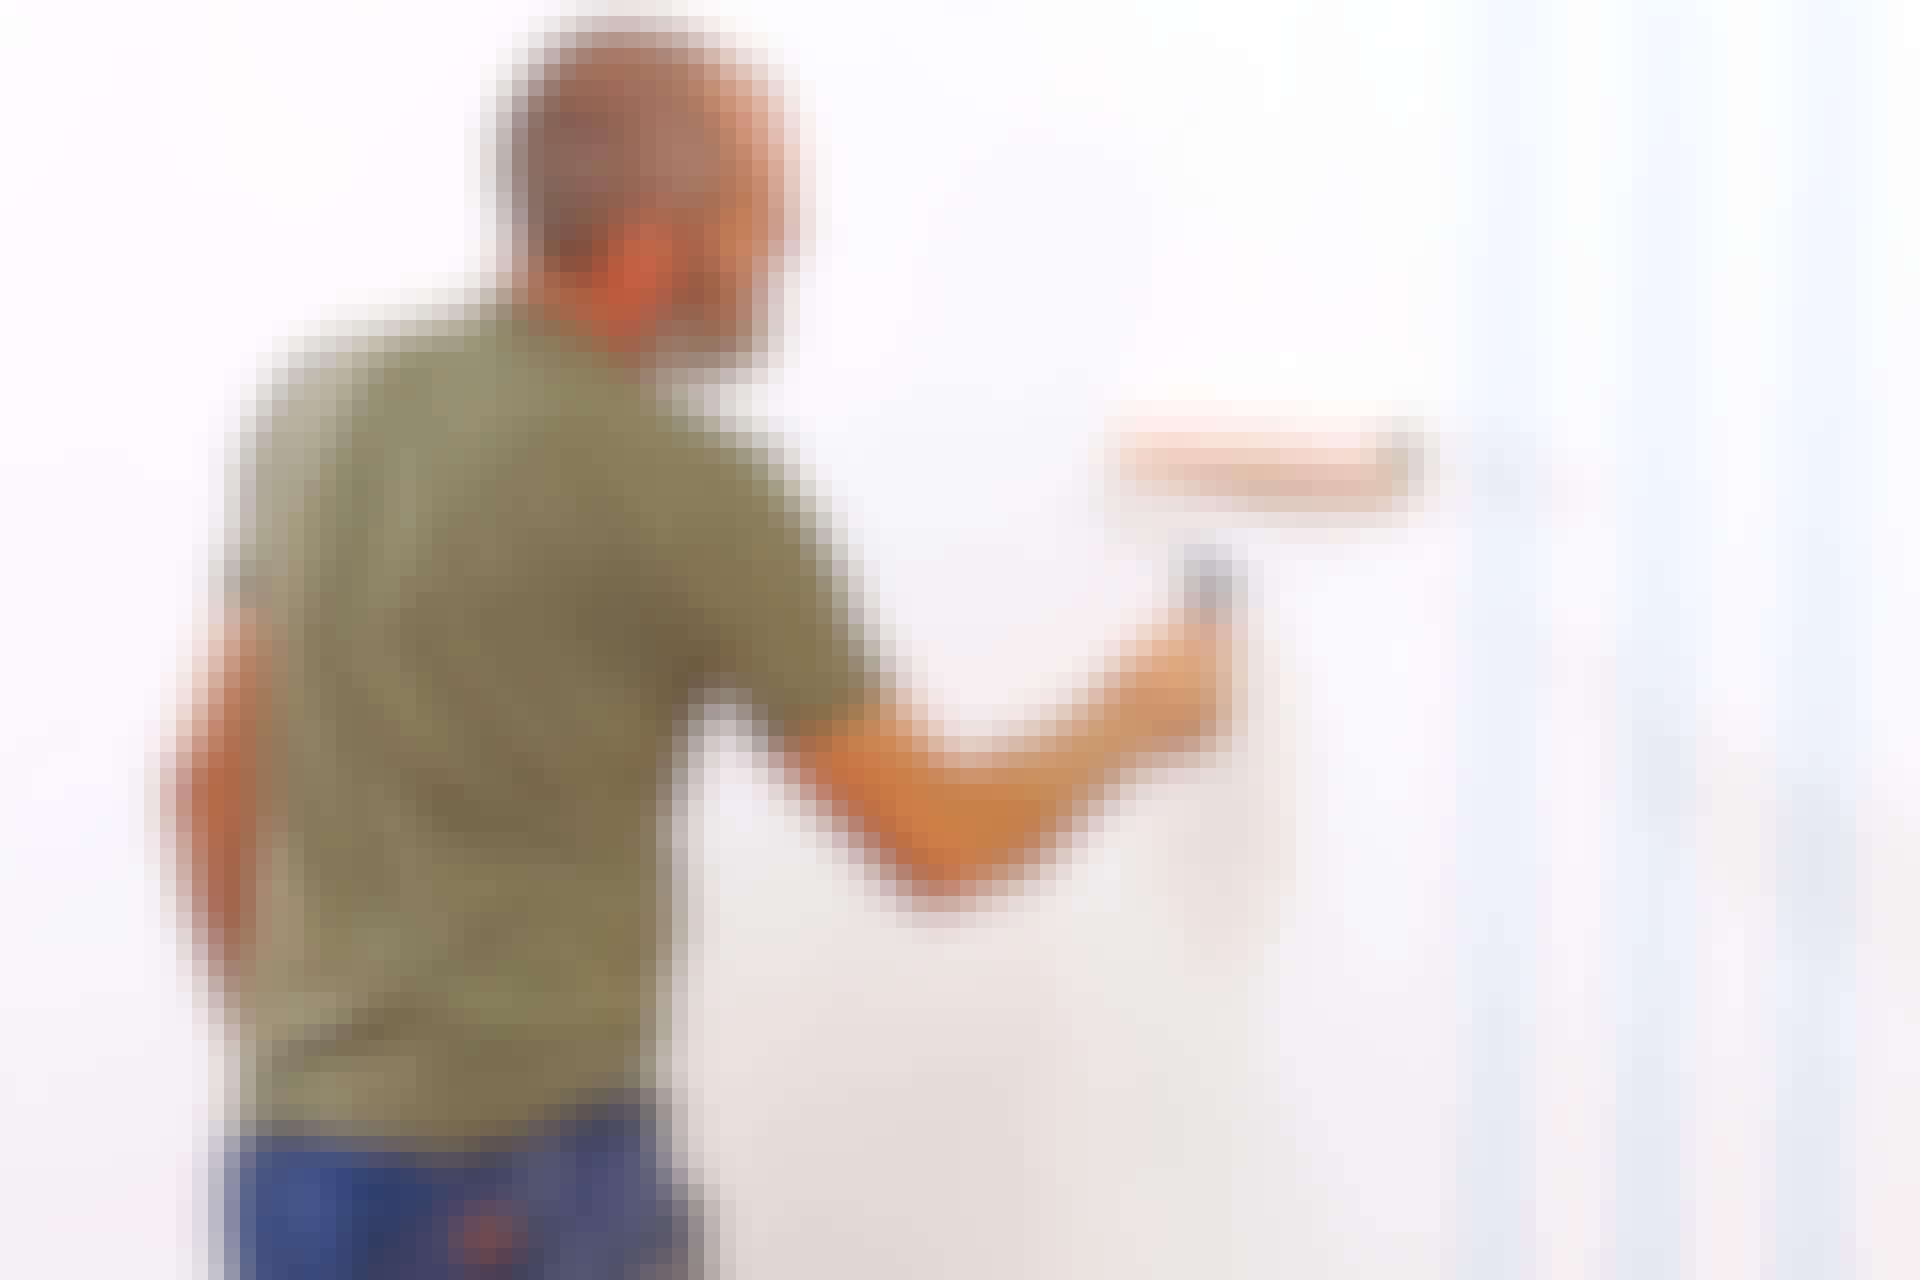 Limmet stryks direkt på väggen i stället för på baksidan av tapetvåderna.